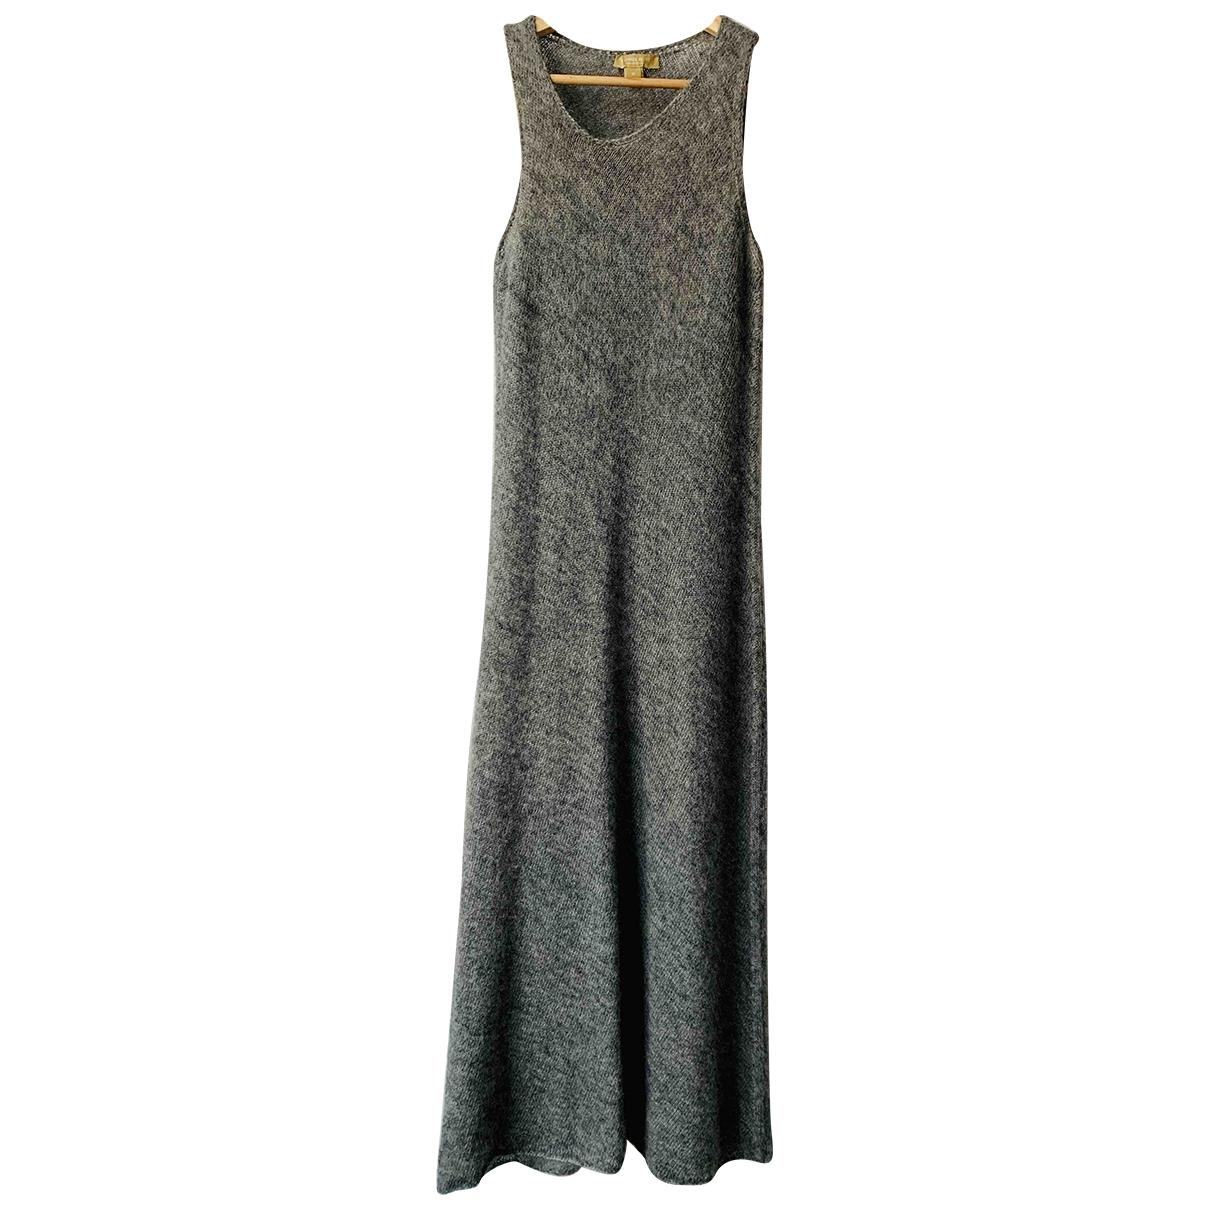 Michael Kors \N Kleid in  Grau Wolle